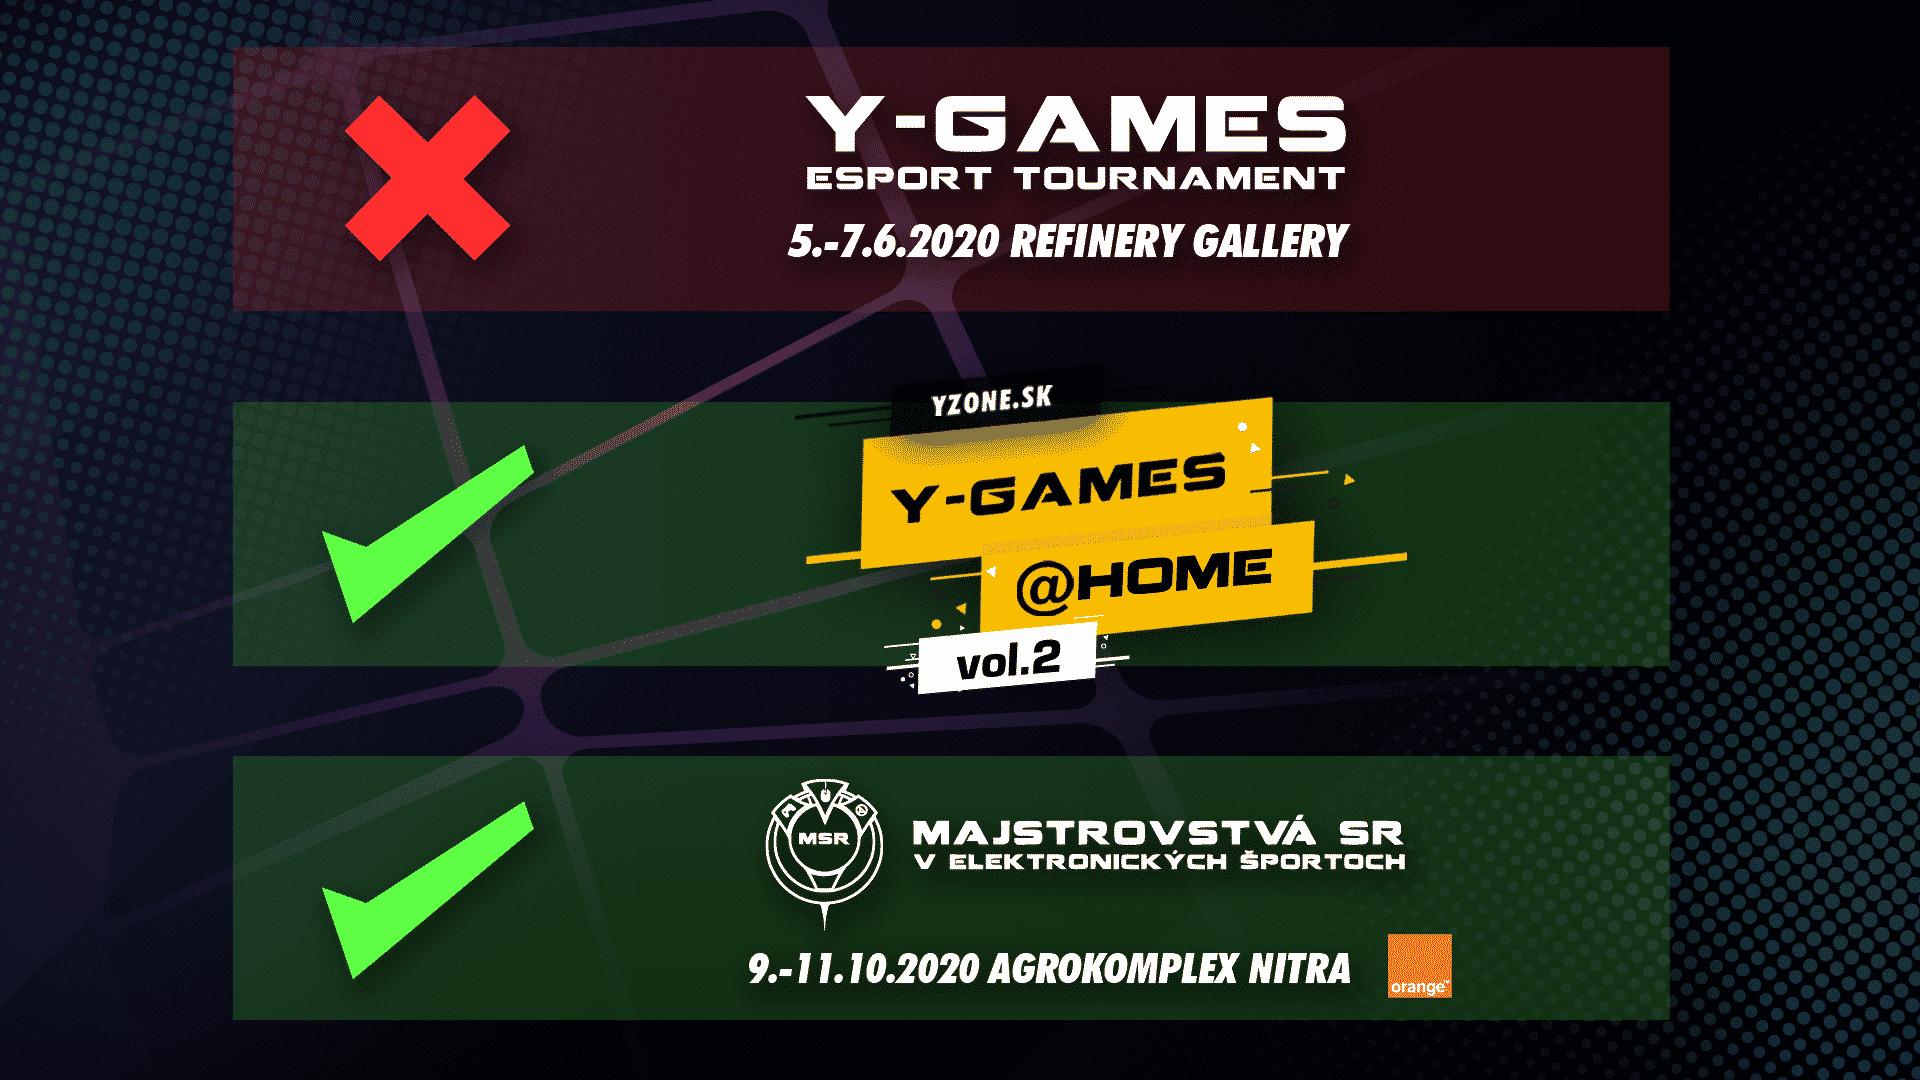 Y-Games @Home